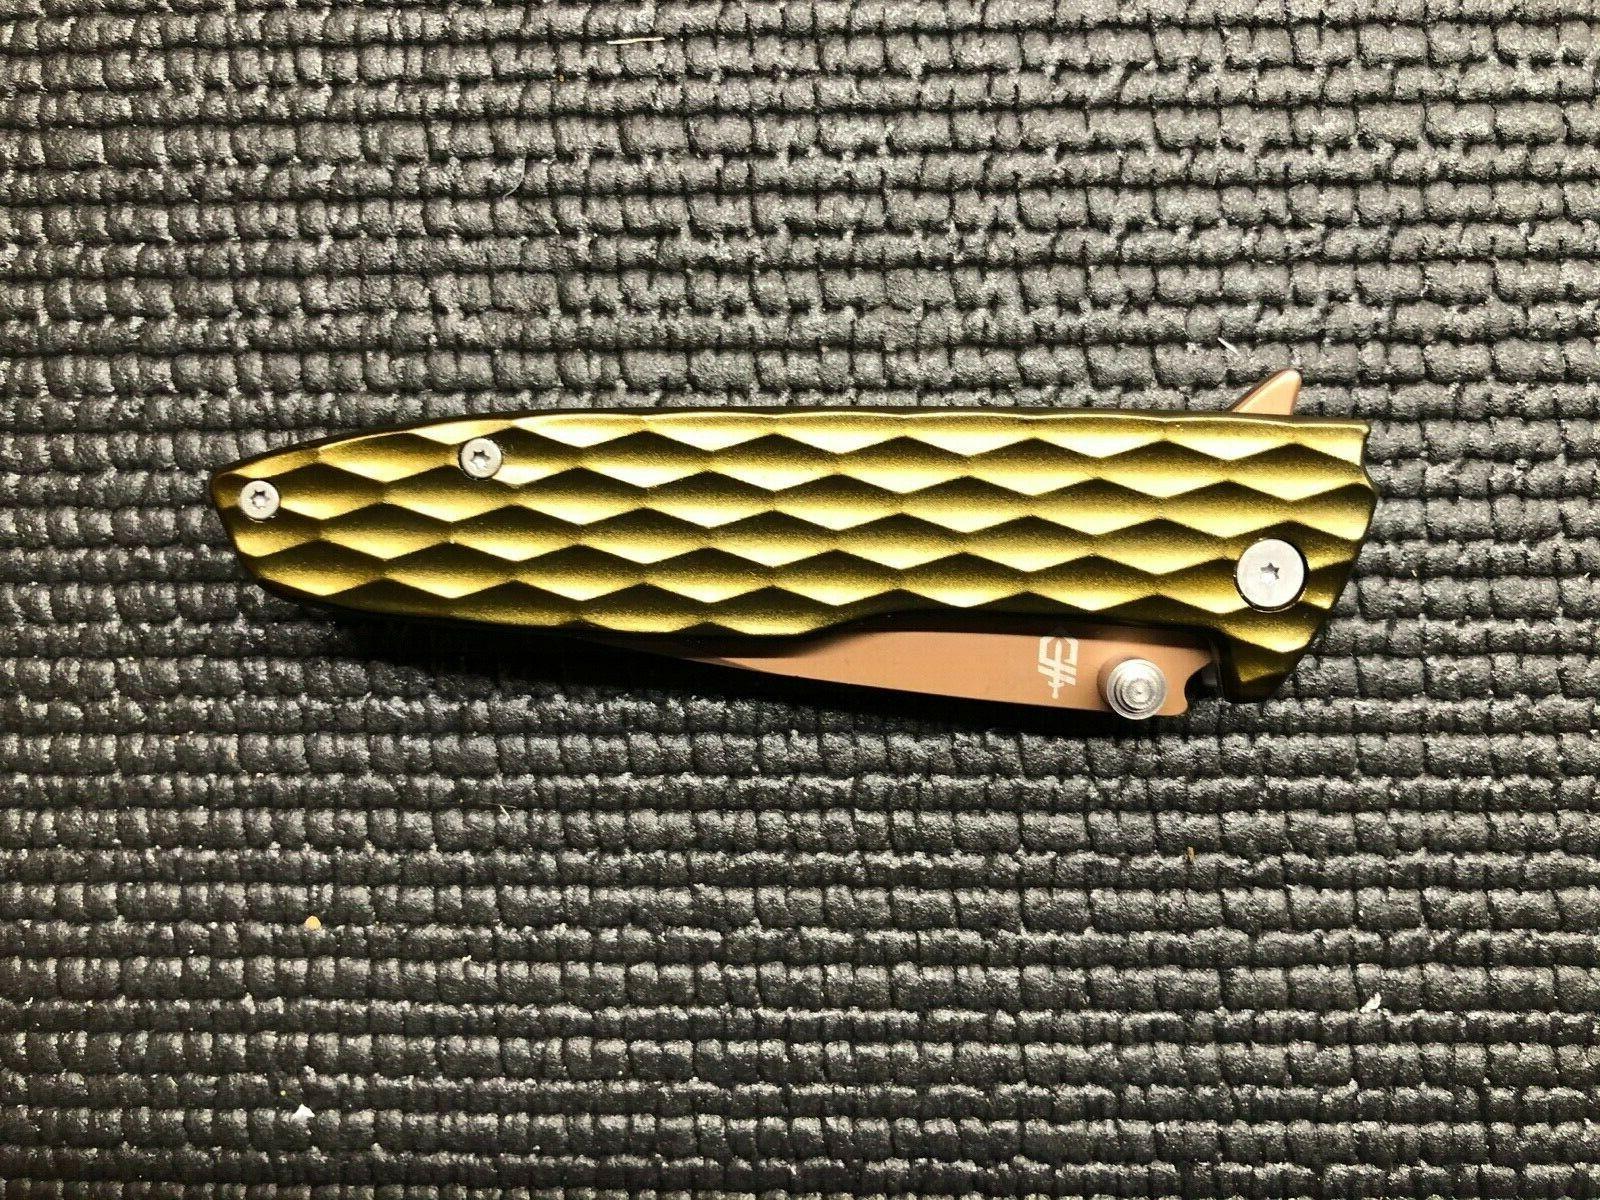 Gerber One Aluminum Flipper Knife 5Cr13MoV